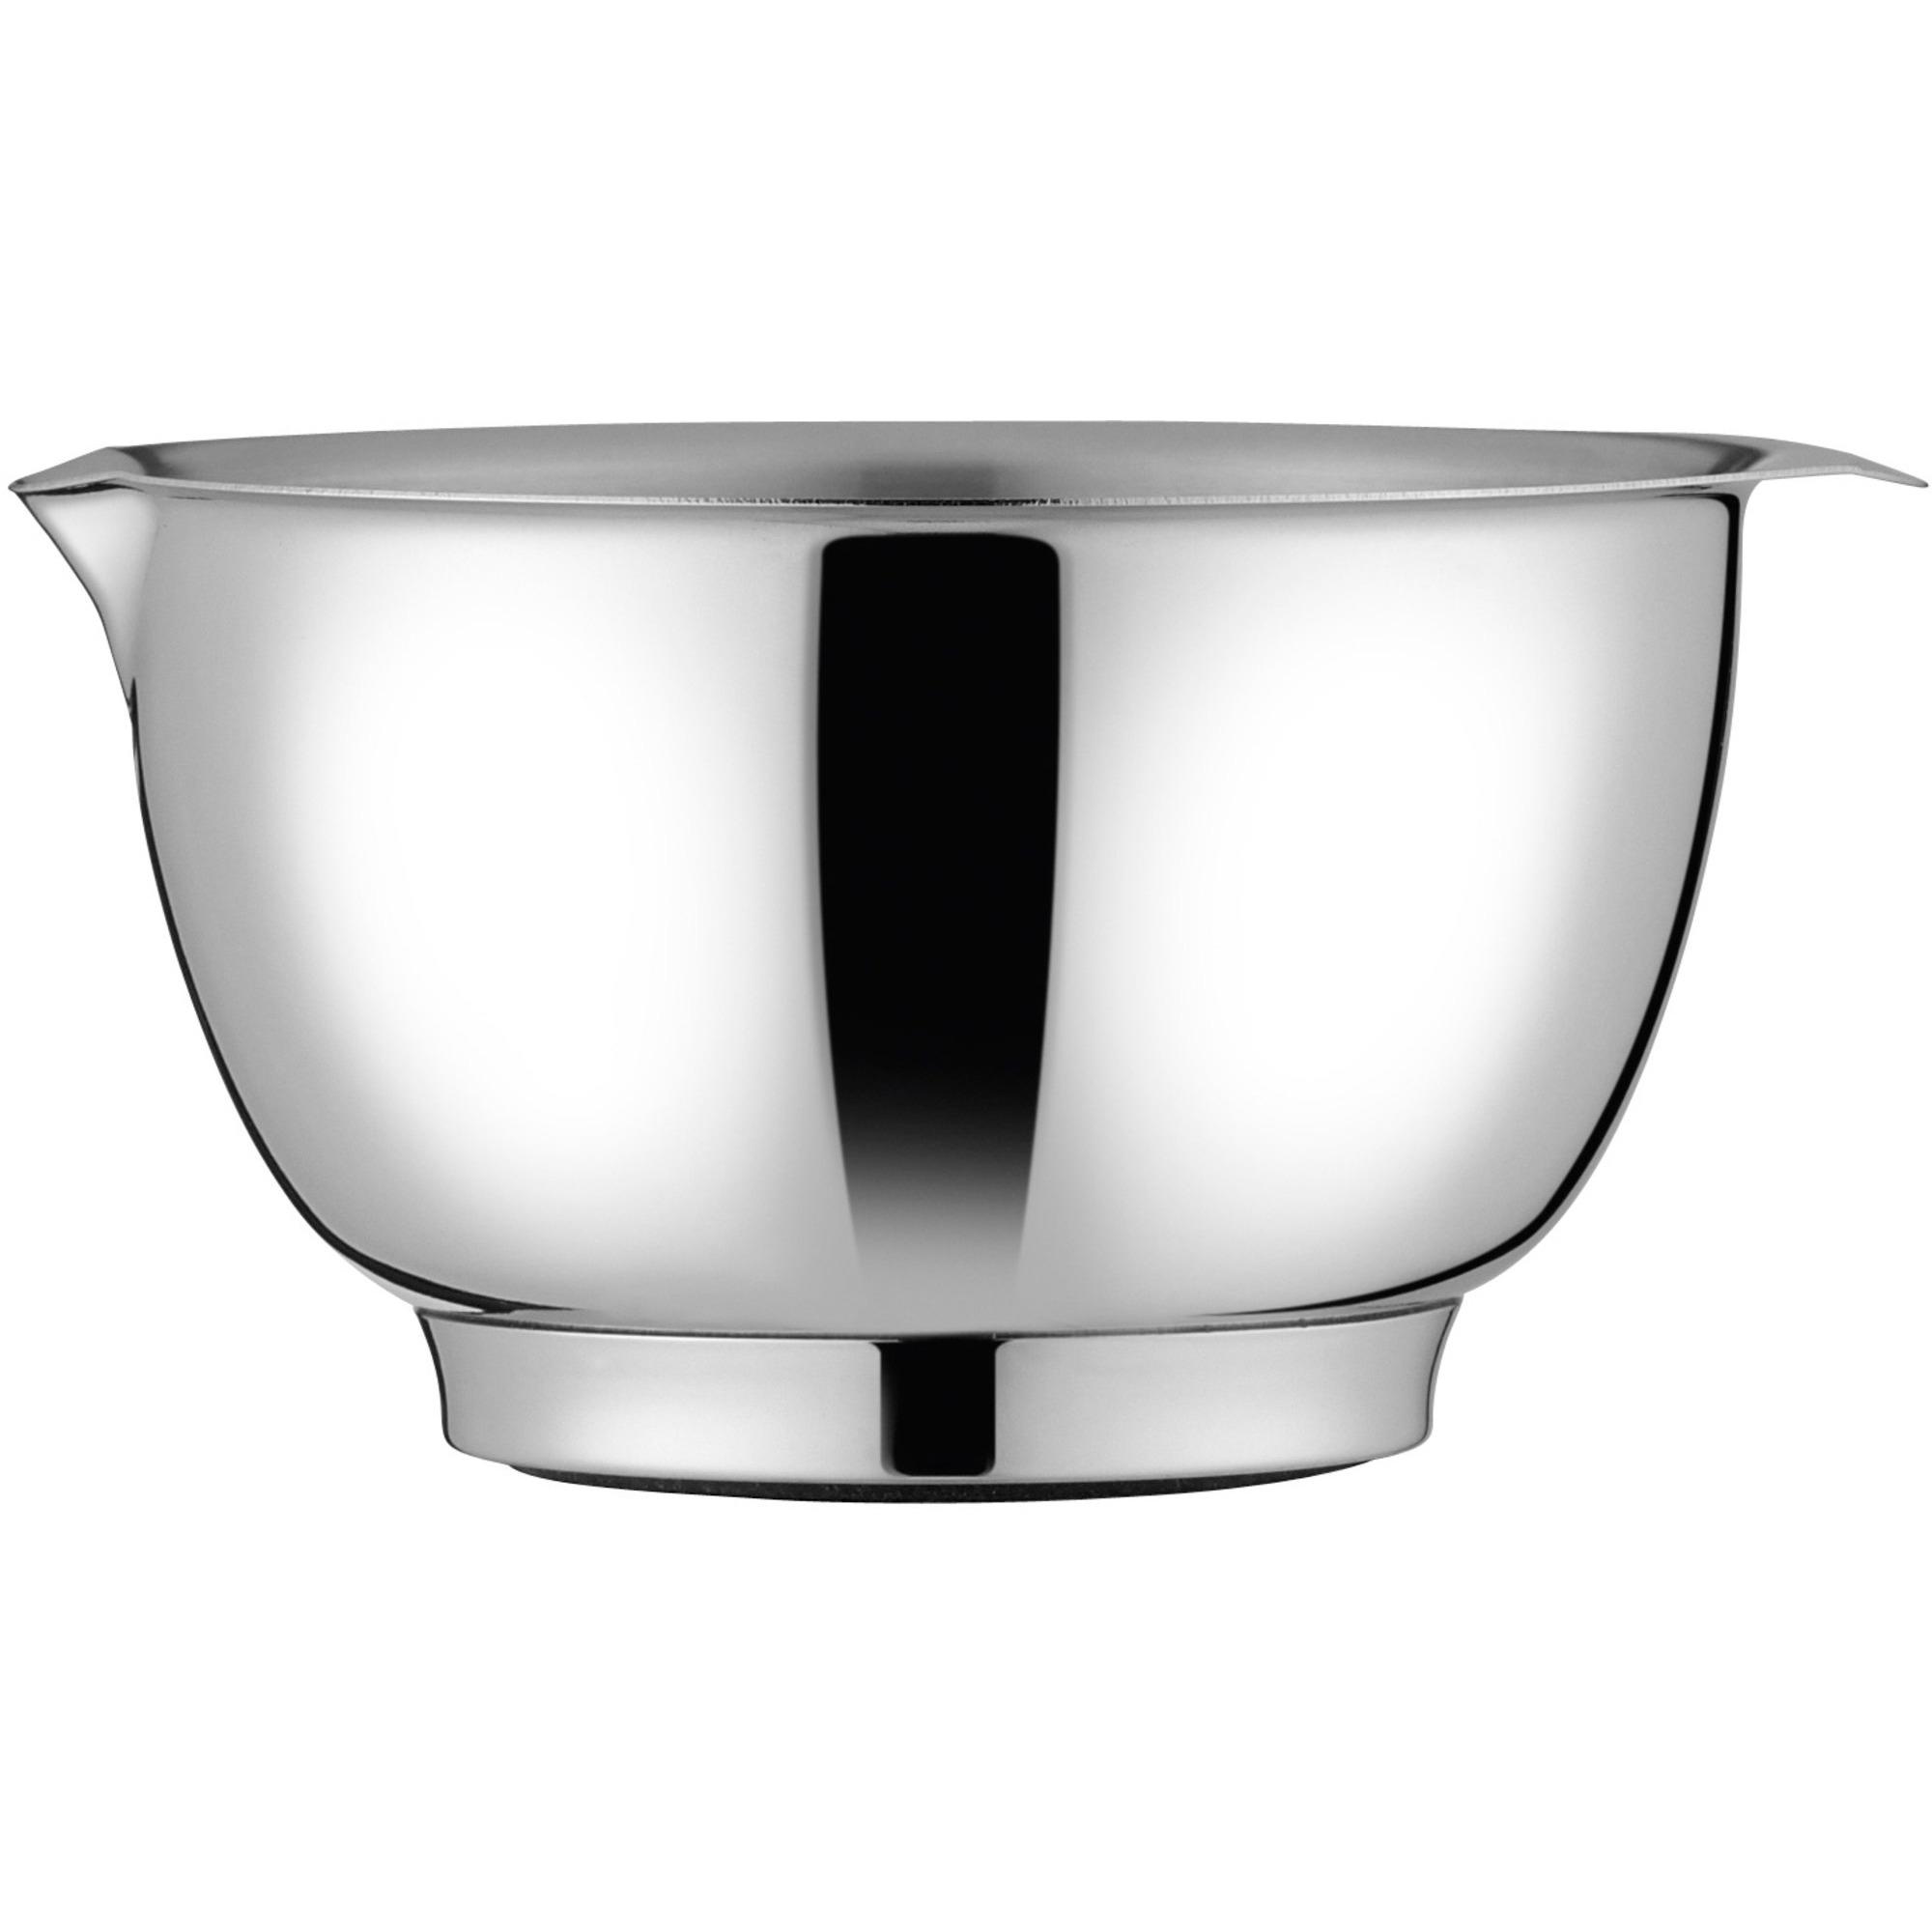 Fantastisk Margrethe-skål i stål fra Rosti Mepal » Hurtig Levering HY19